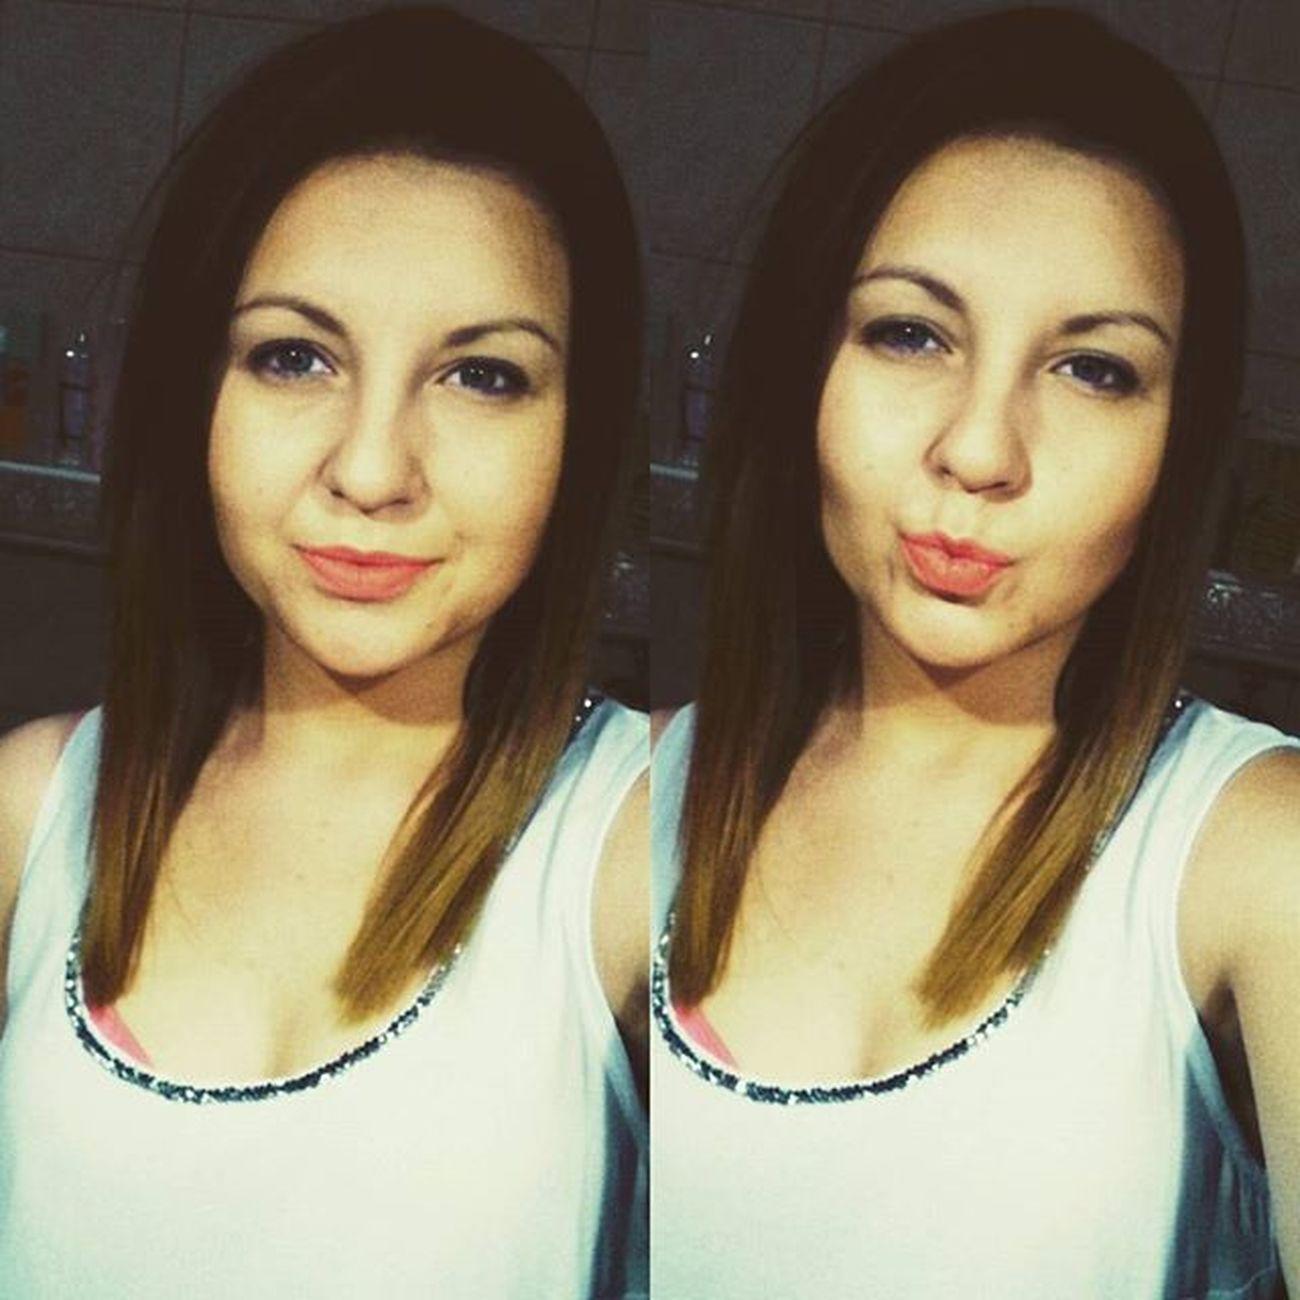 jestem daleko stąd i nie ma dla nikogo mnie 😙 Polishgirl Instagirl Happygirl 3timesyes Polskadziewczyna Pinklips Selfie Twin Polishgirlsdoitbetter Happiness Bestoftheday Picoftheday Photooftheday Lfl L4l Followme